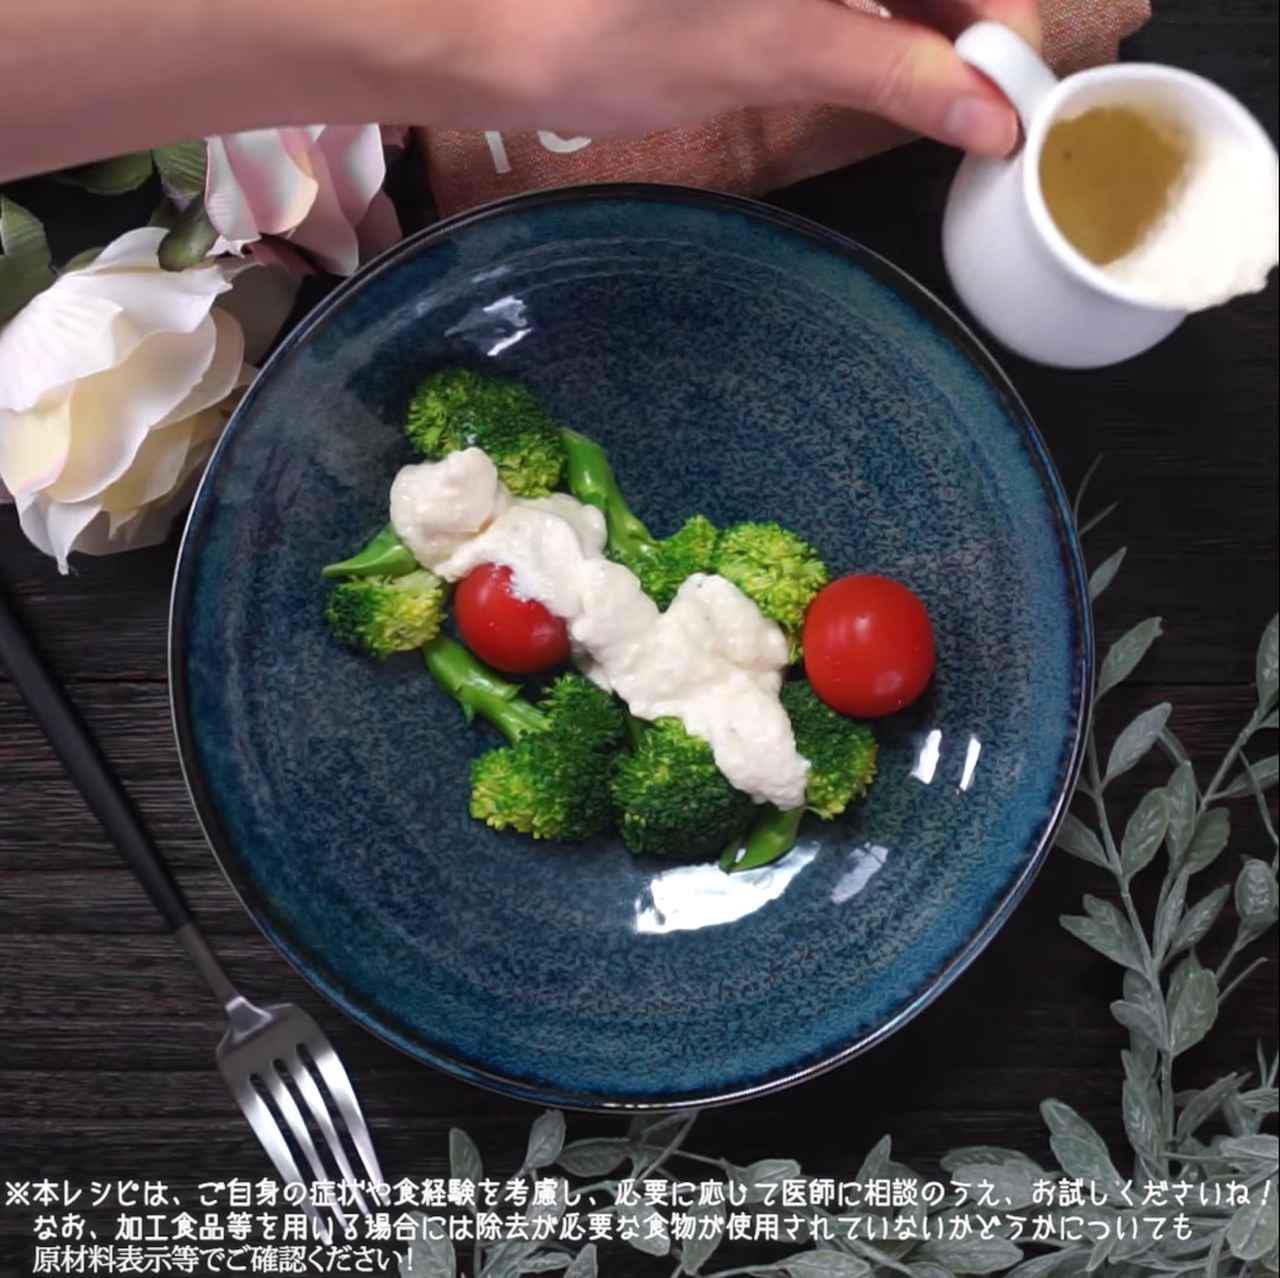 画像: 卵を使わず豆腐で出来るマヨネーズ - 君とごはん